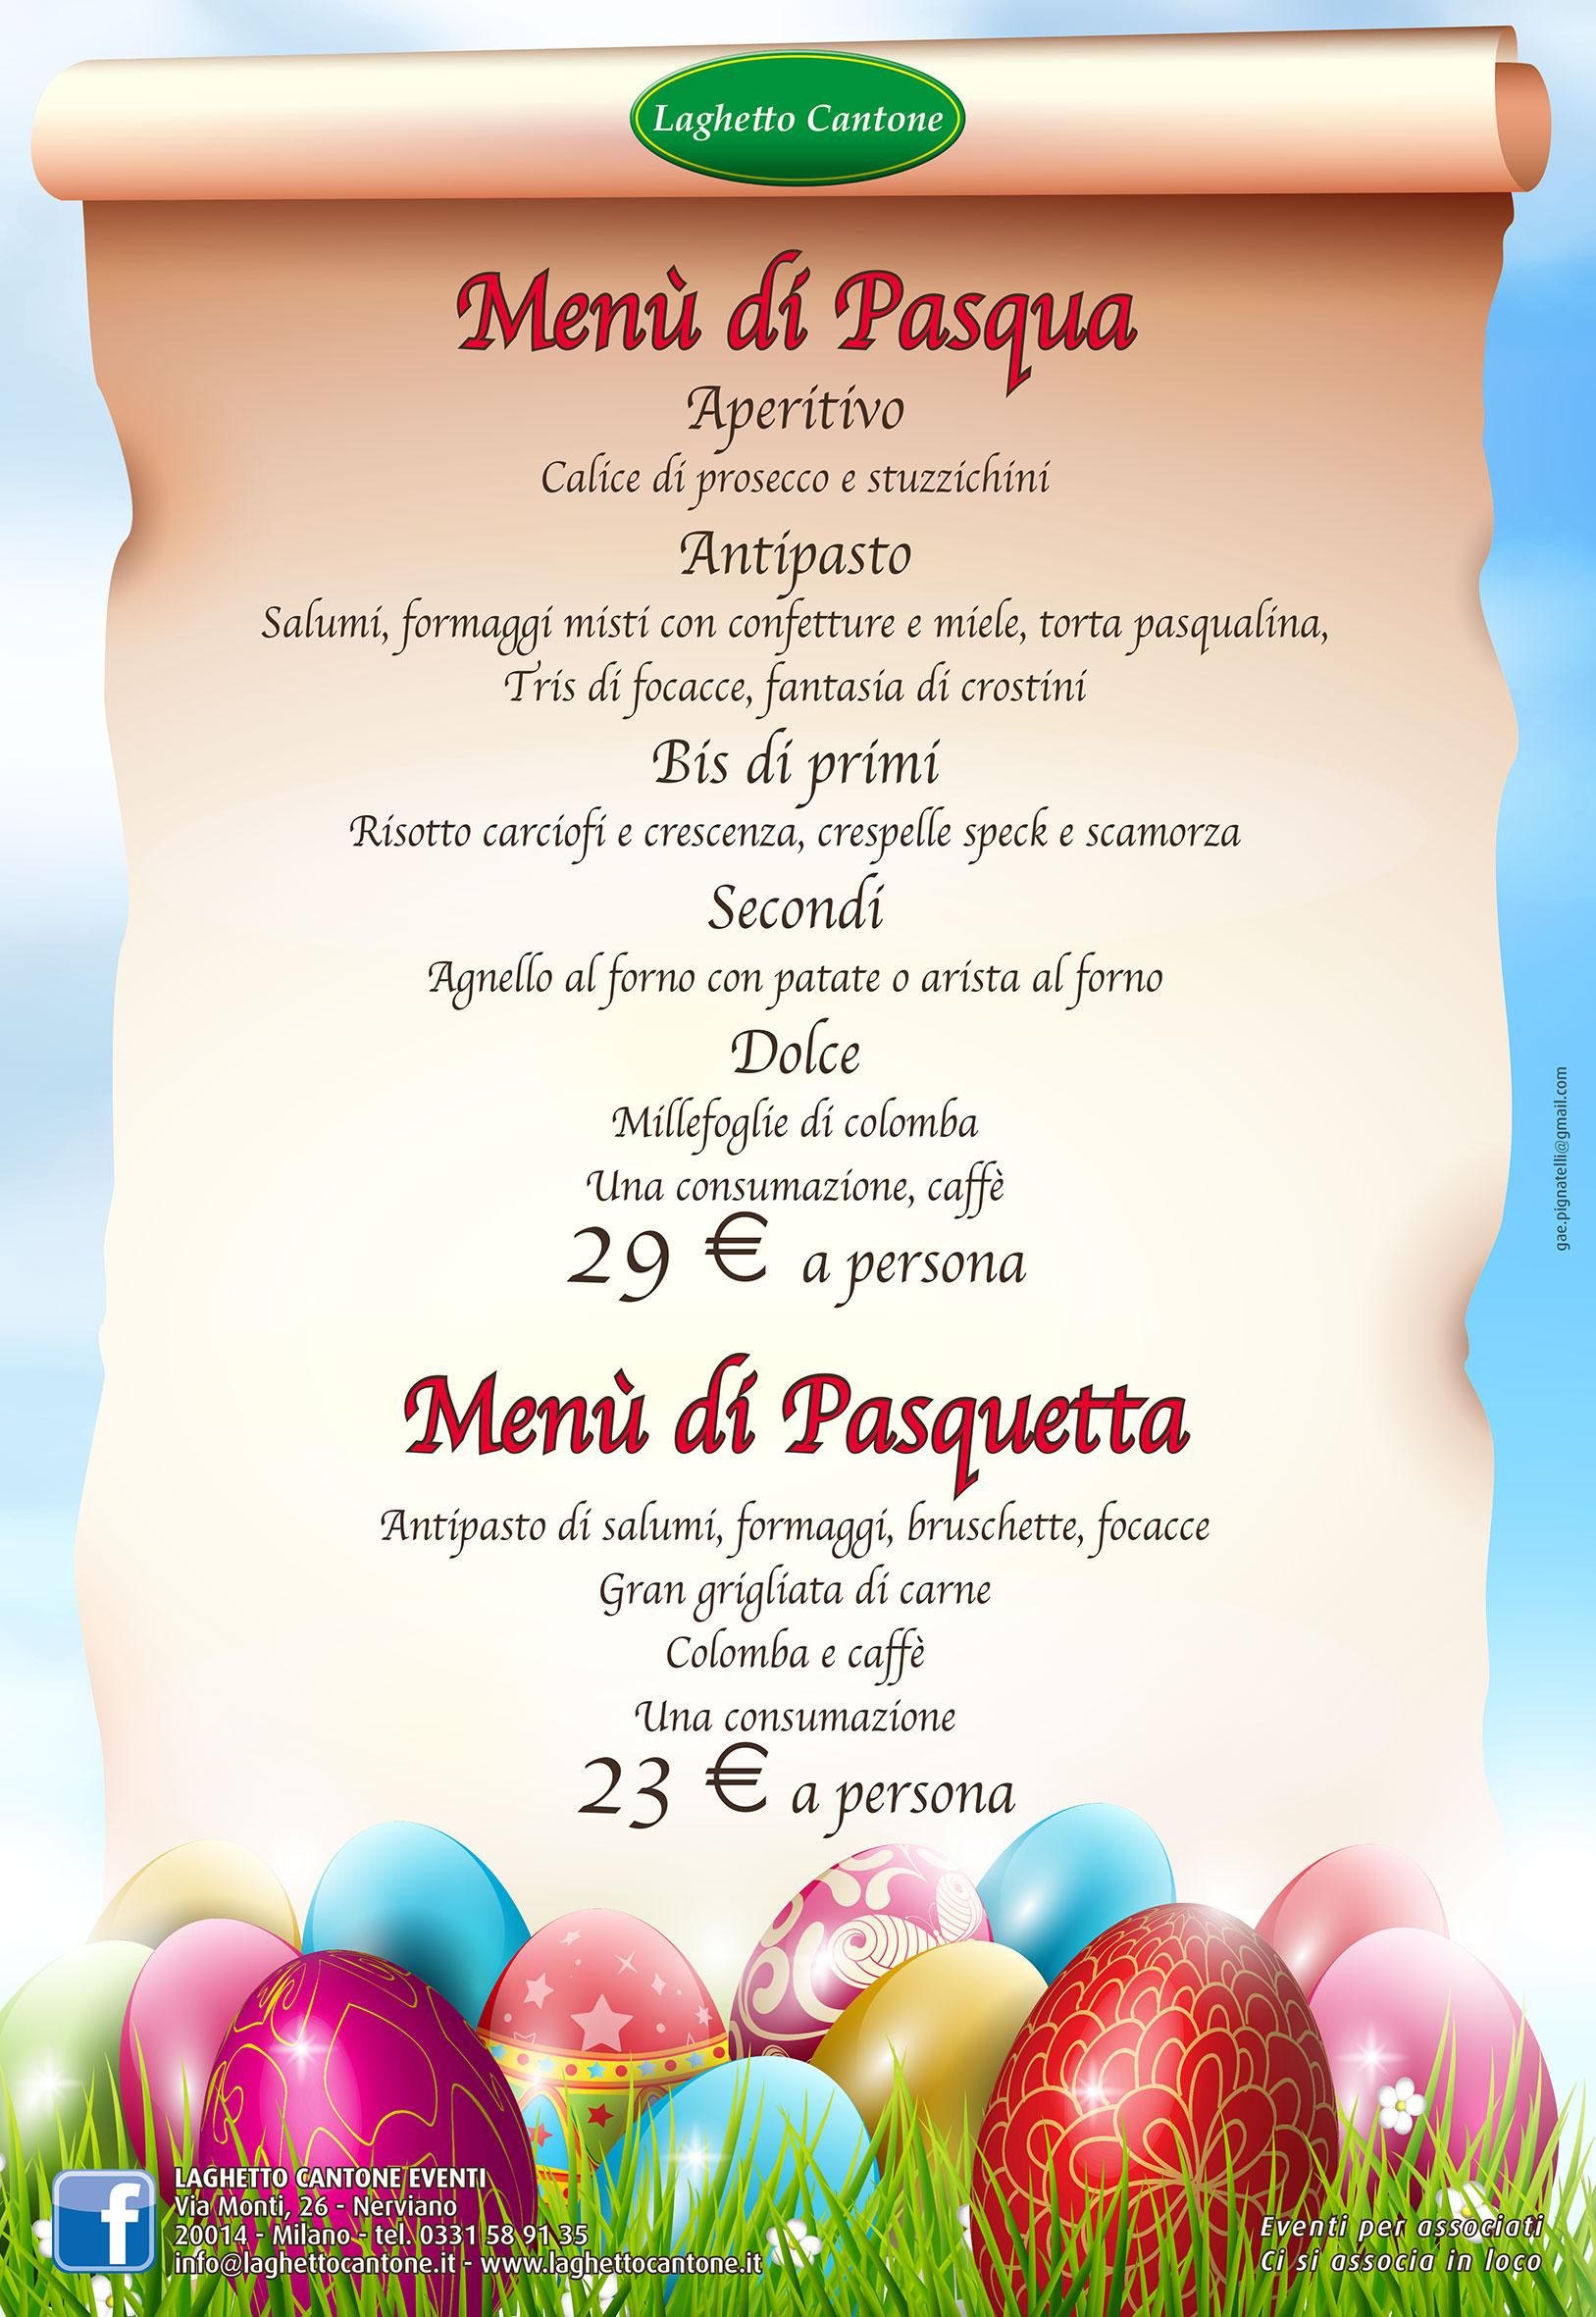 Laghetto Cantone Menu di Pasqua